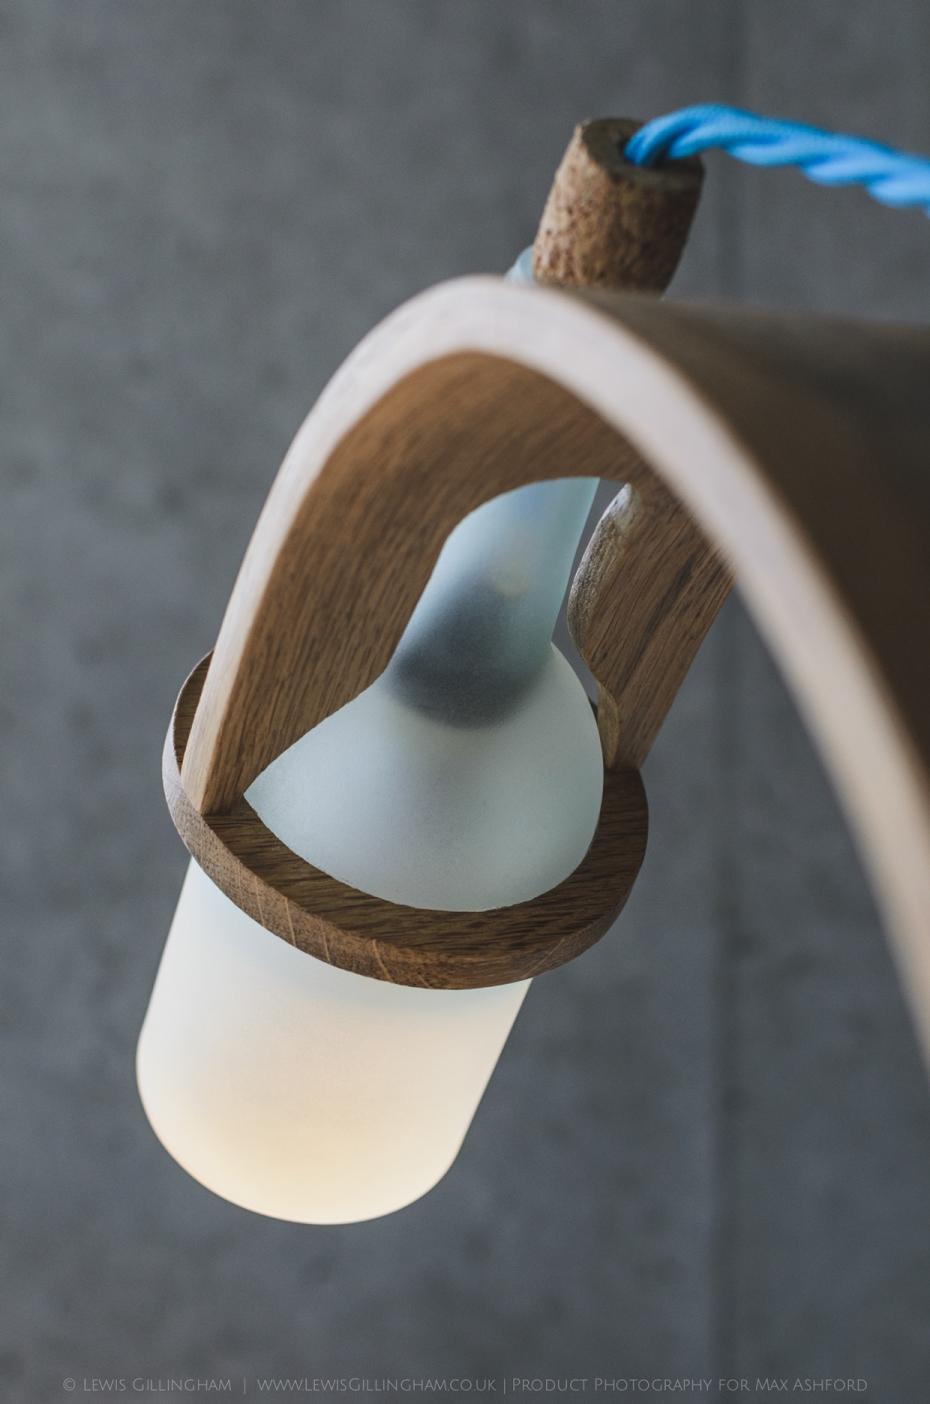 Lampka Quercus - butelka od wina i drewno - 13